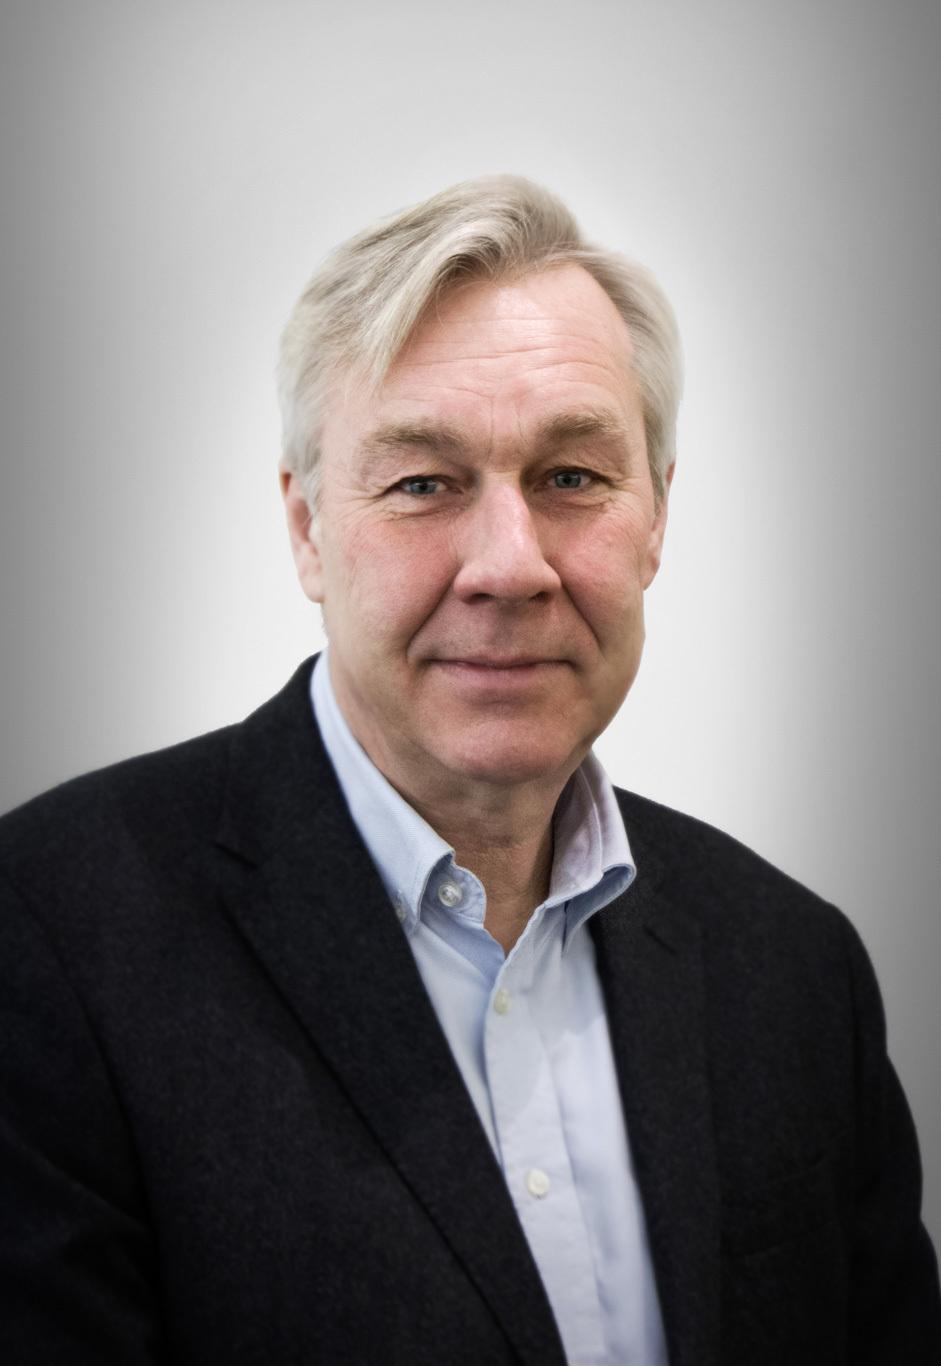 Image of Tomas Settevik, Board Member